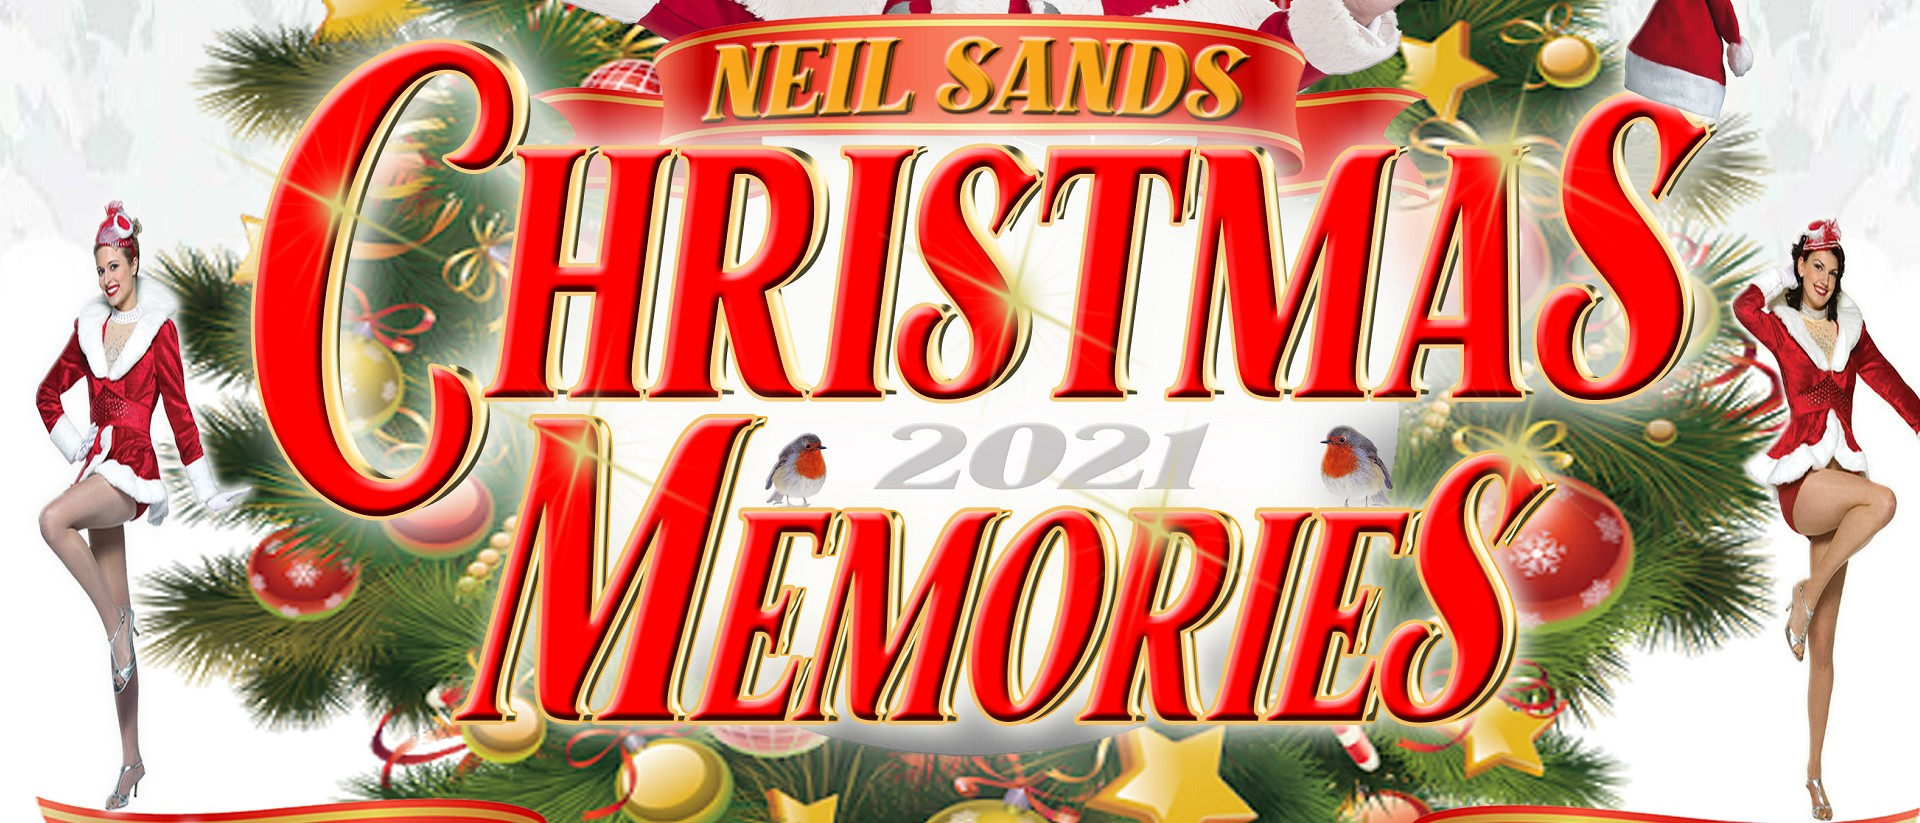 Christmas Memories 2021